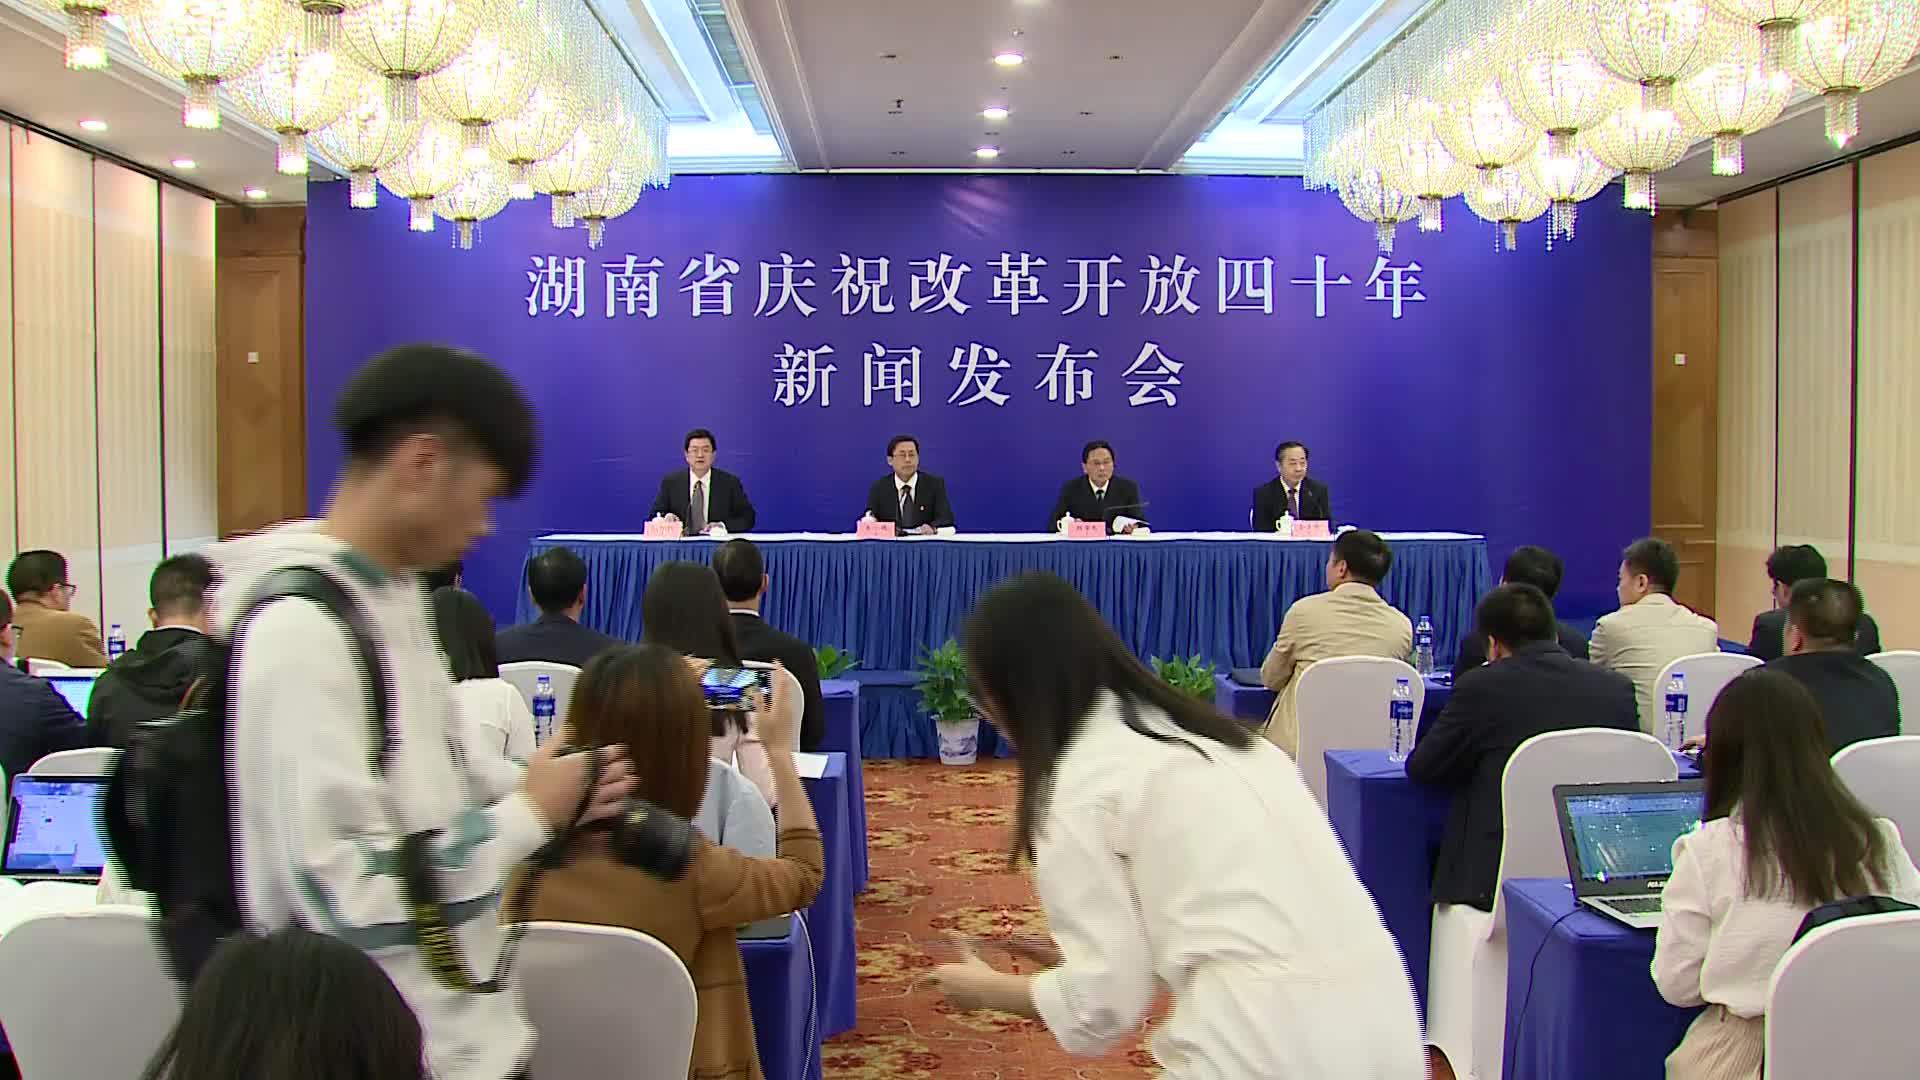 【全程回放】 湖南省庆祝改革开放四十年系列新闻发布会:改革开放40周年全省自然资源事业发展成就